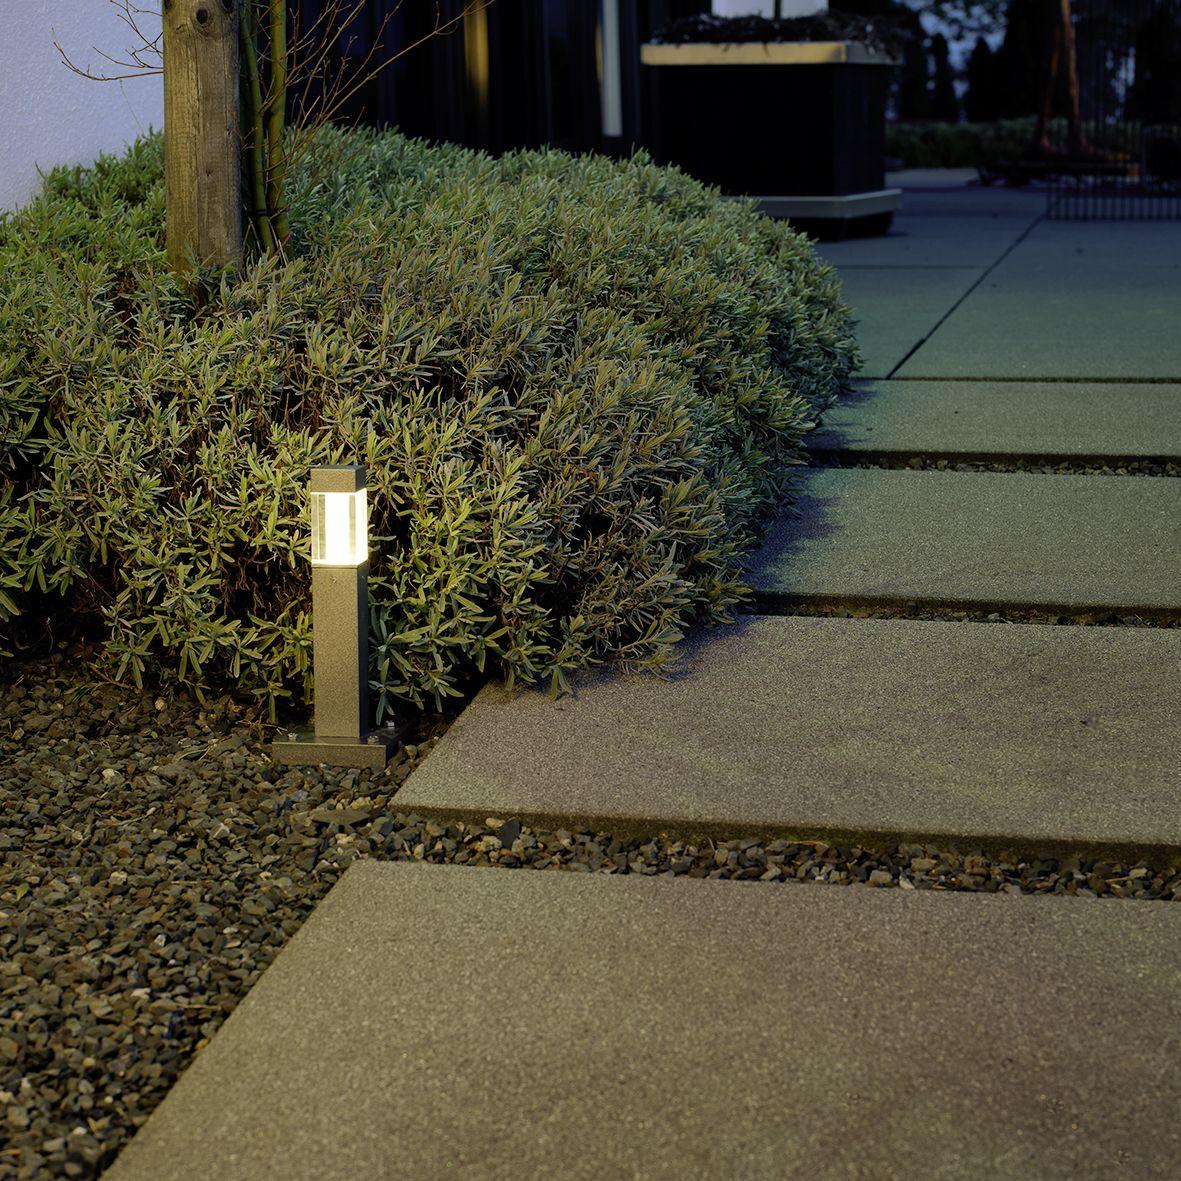 620583 Albert Led Sockelleuchte Das Quadrat Der Wurfel Kubisch In Der Architektur Up To Date Hier Als Leuc Licht Im Garten Aussenbeleuchtung Gartenbeleuchtung